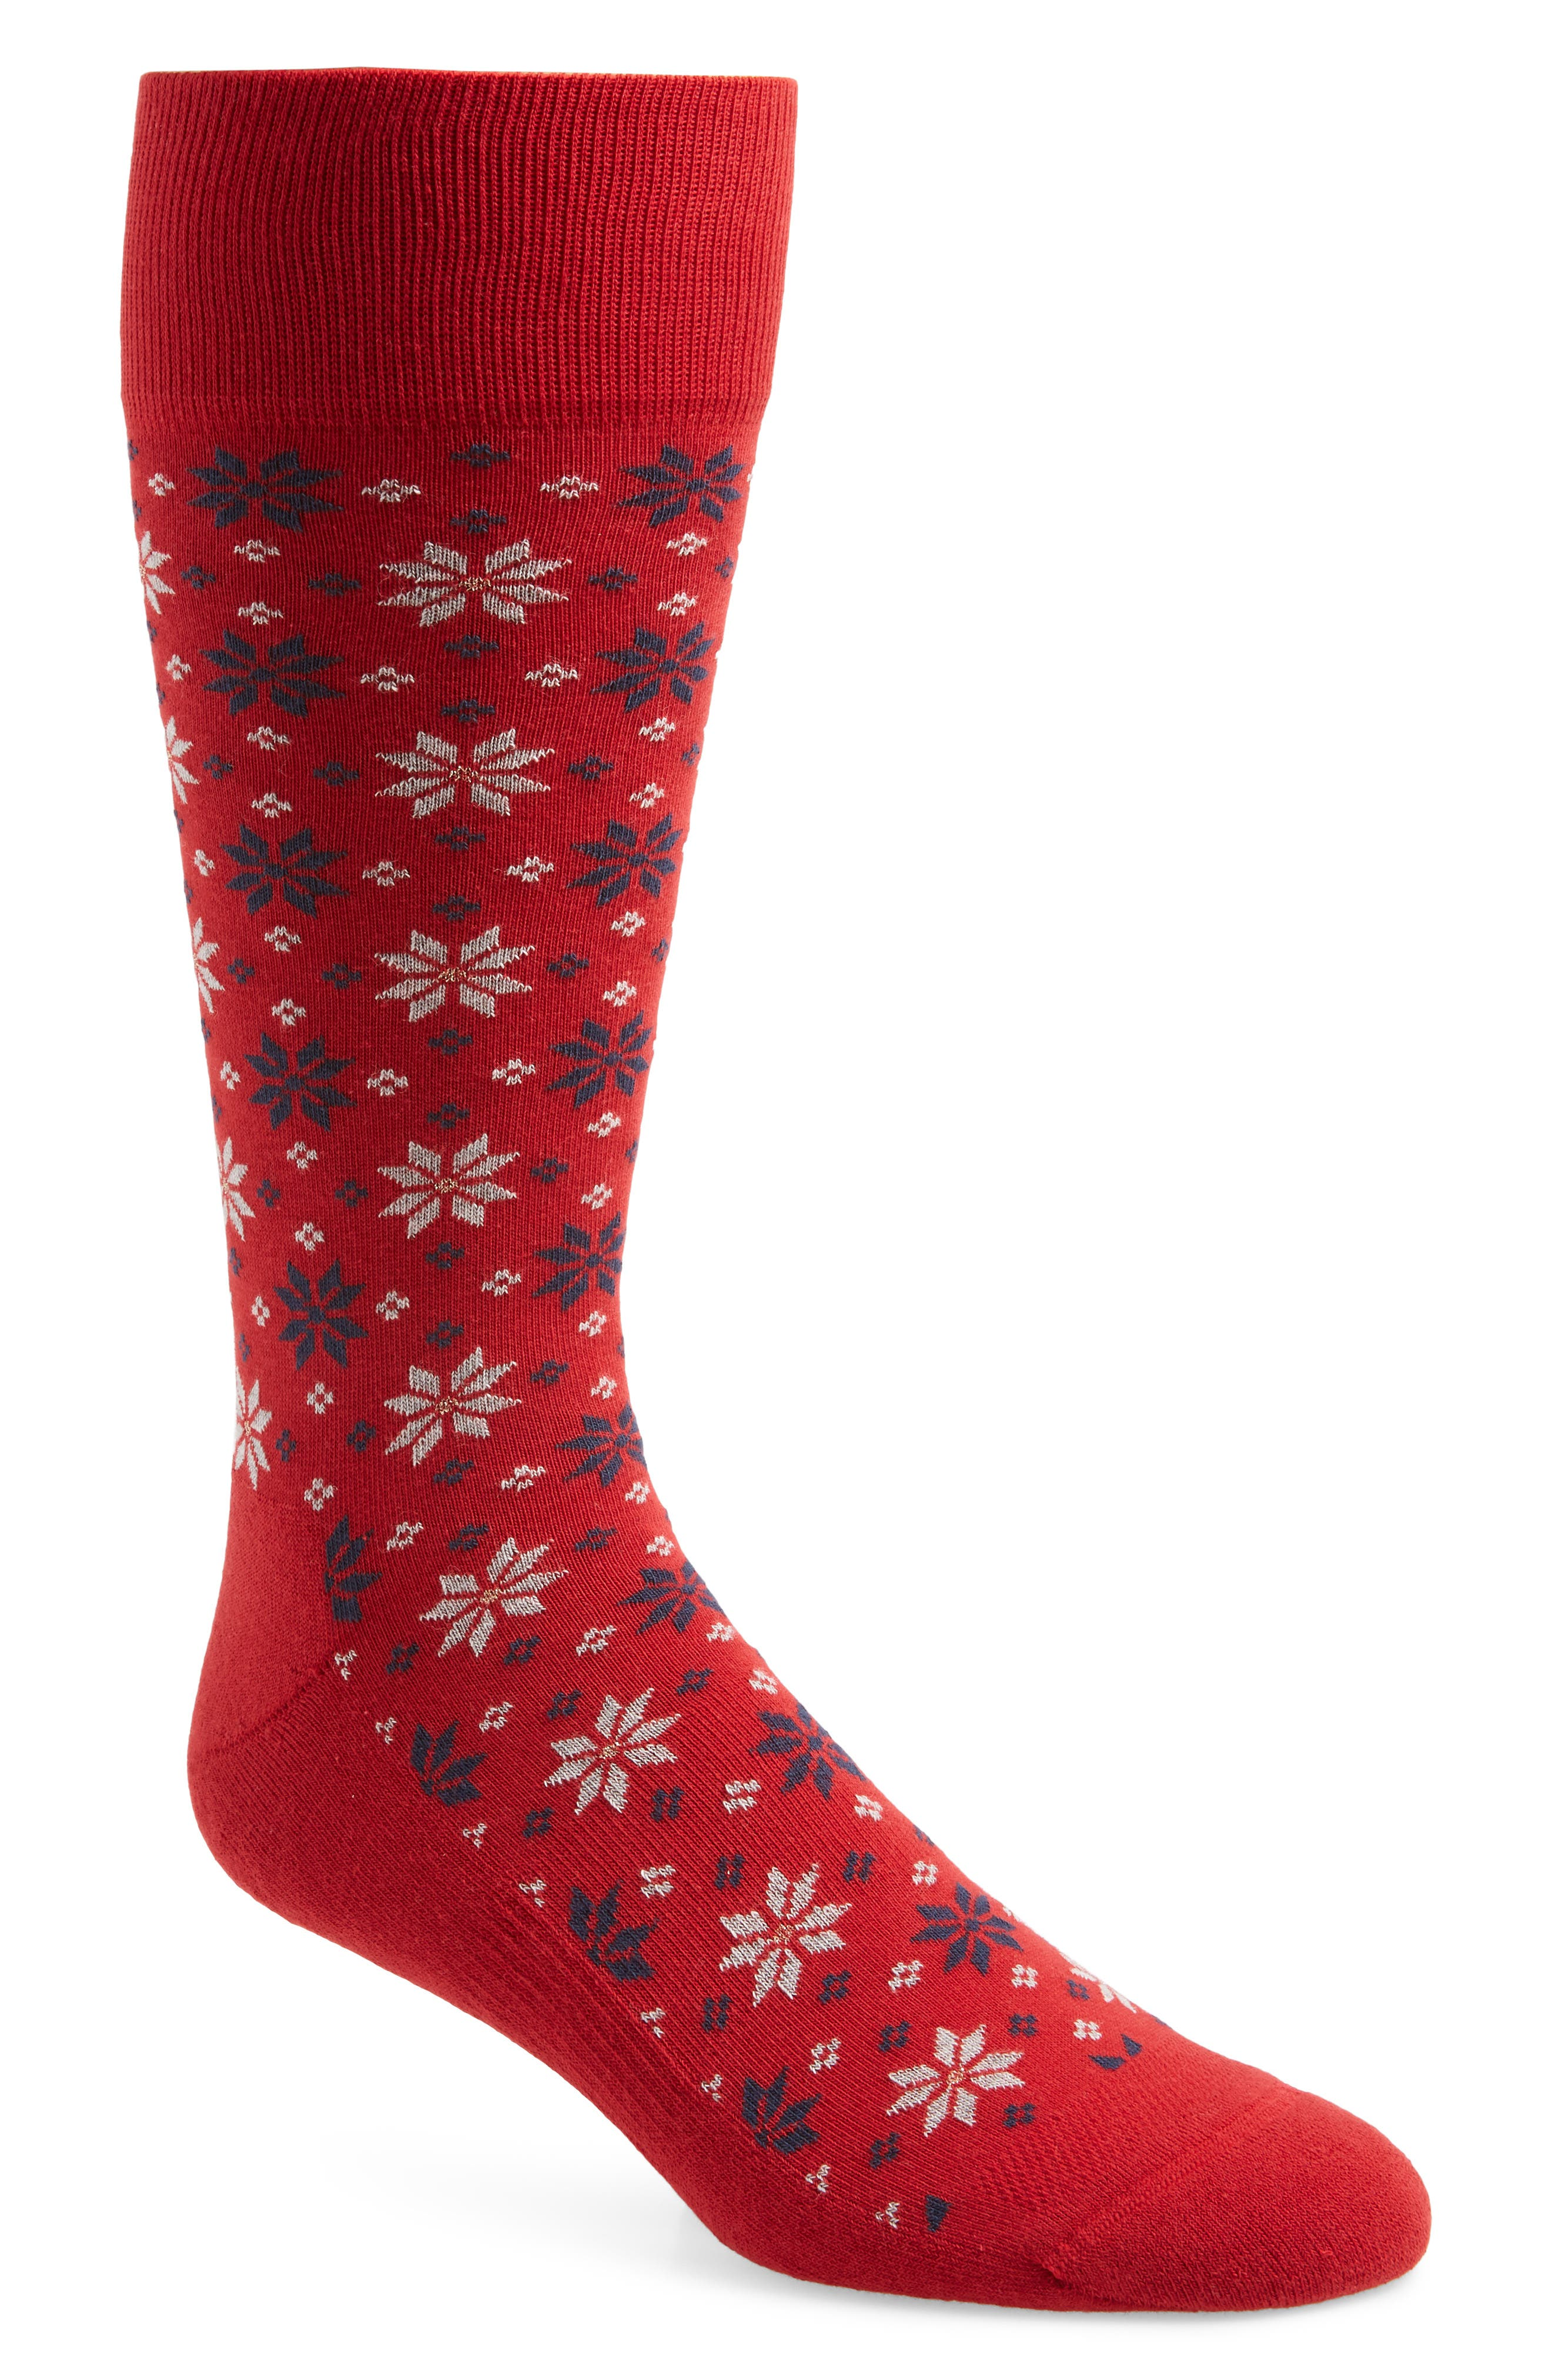 Holiday Fair Isle Socks,                             Main thumbnail 1, color,                             RED/ NAVY